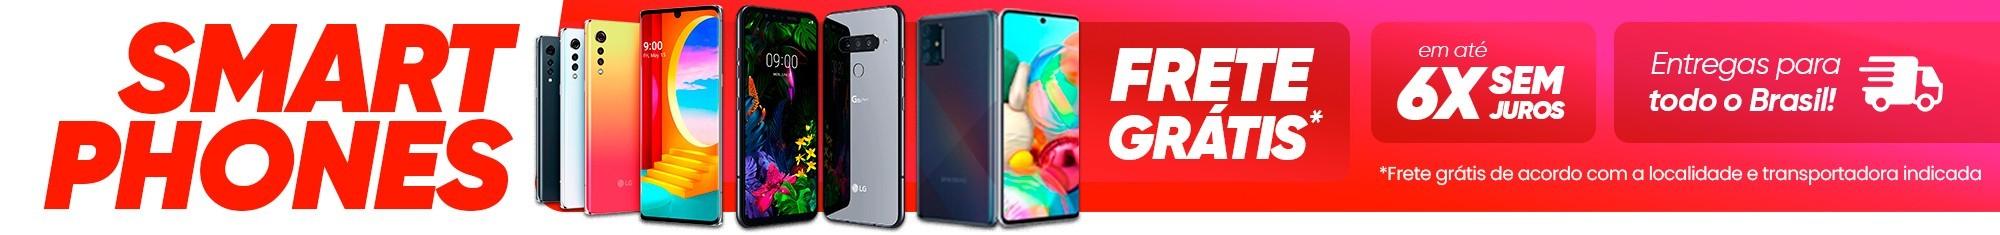 Smartphone em Promoção